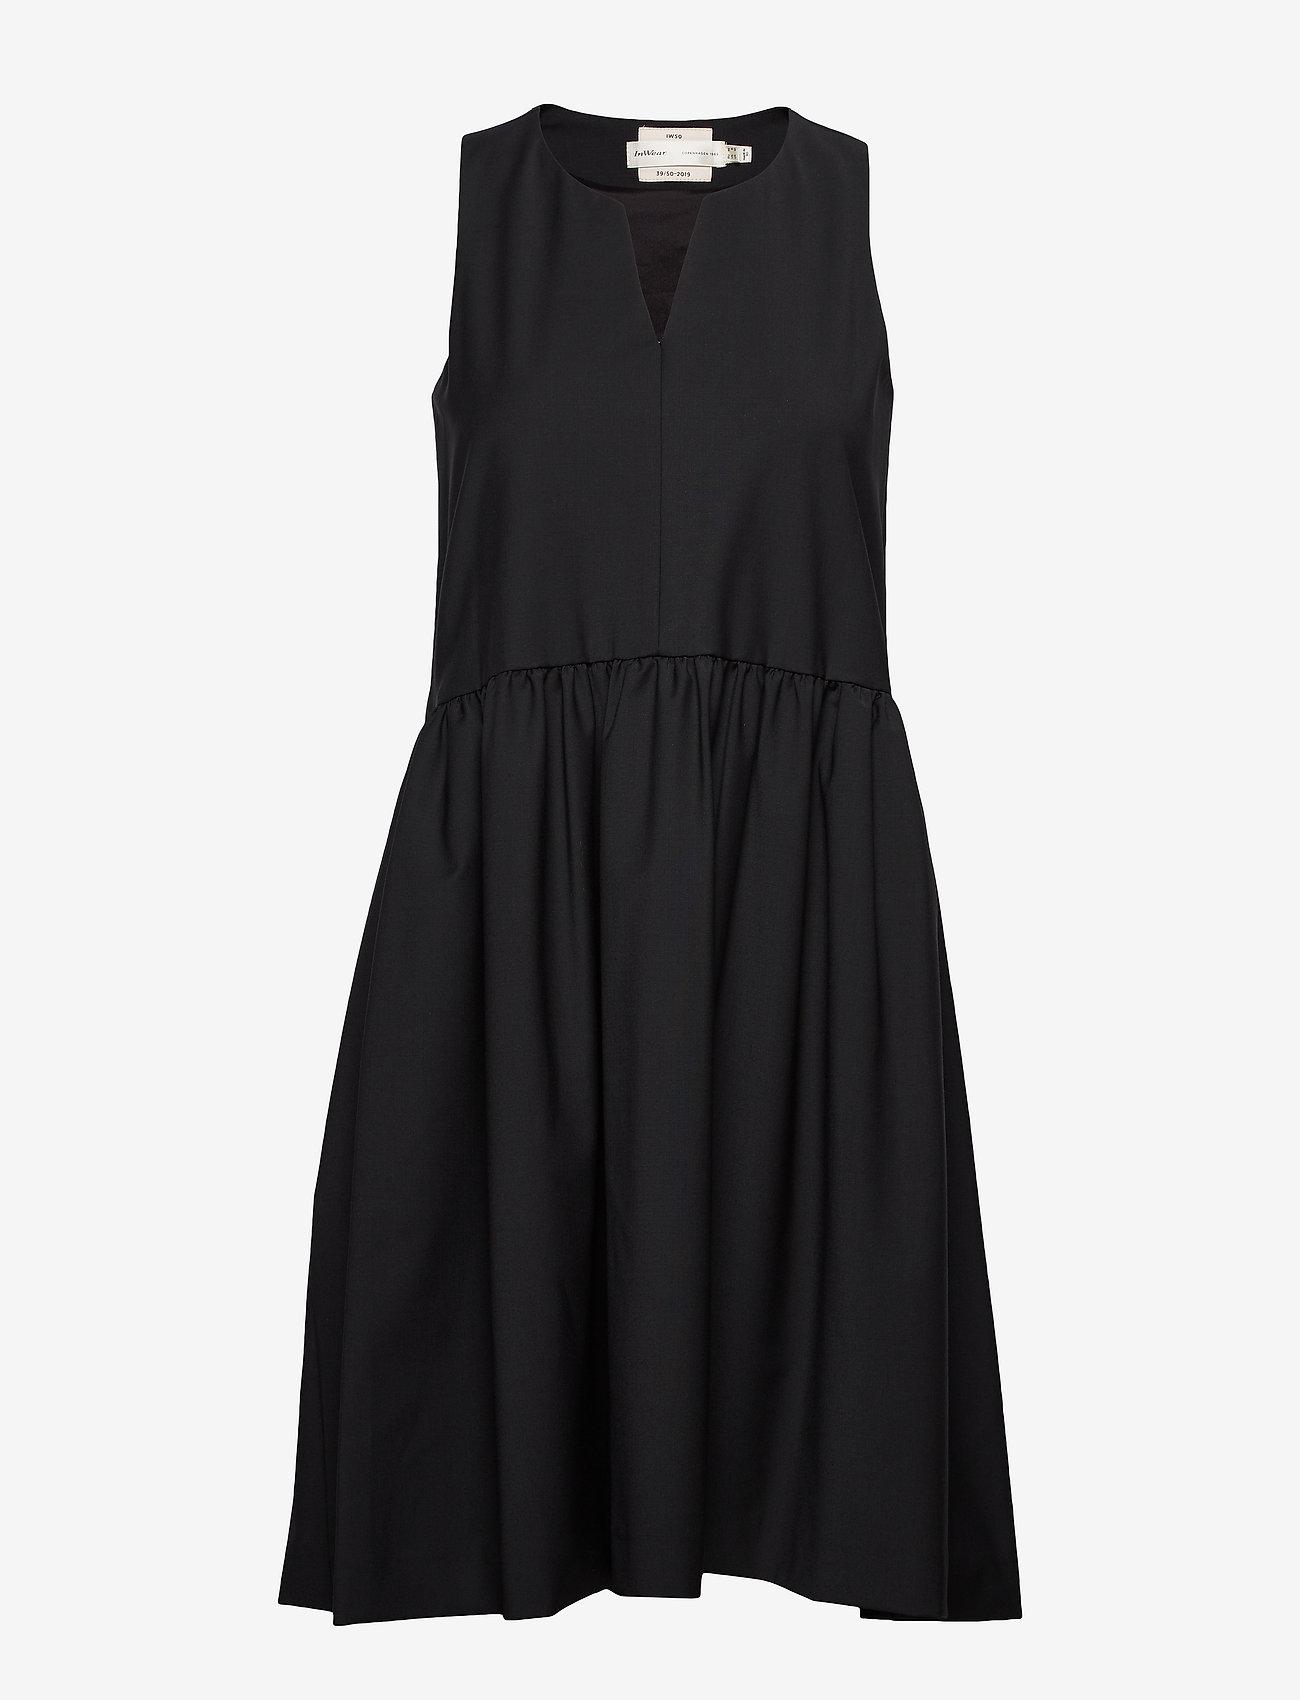 Iw50 39 Carolyniw Dress (Black) - InWear 7ytD1w